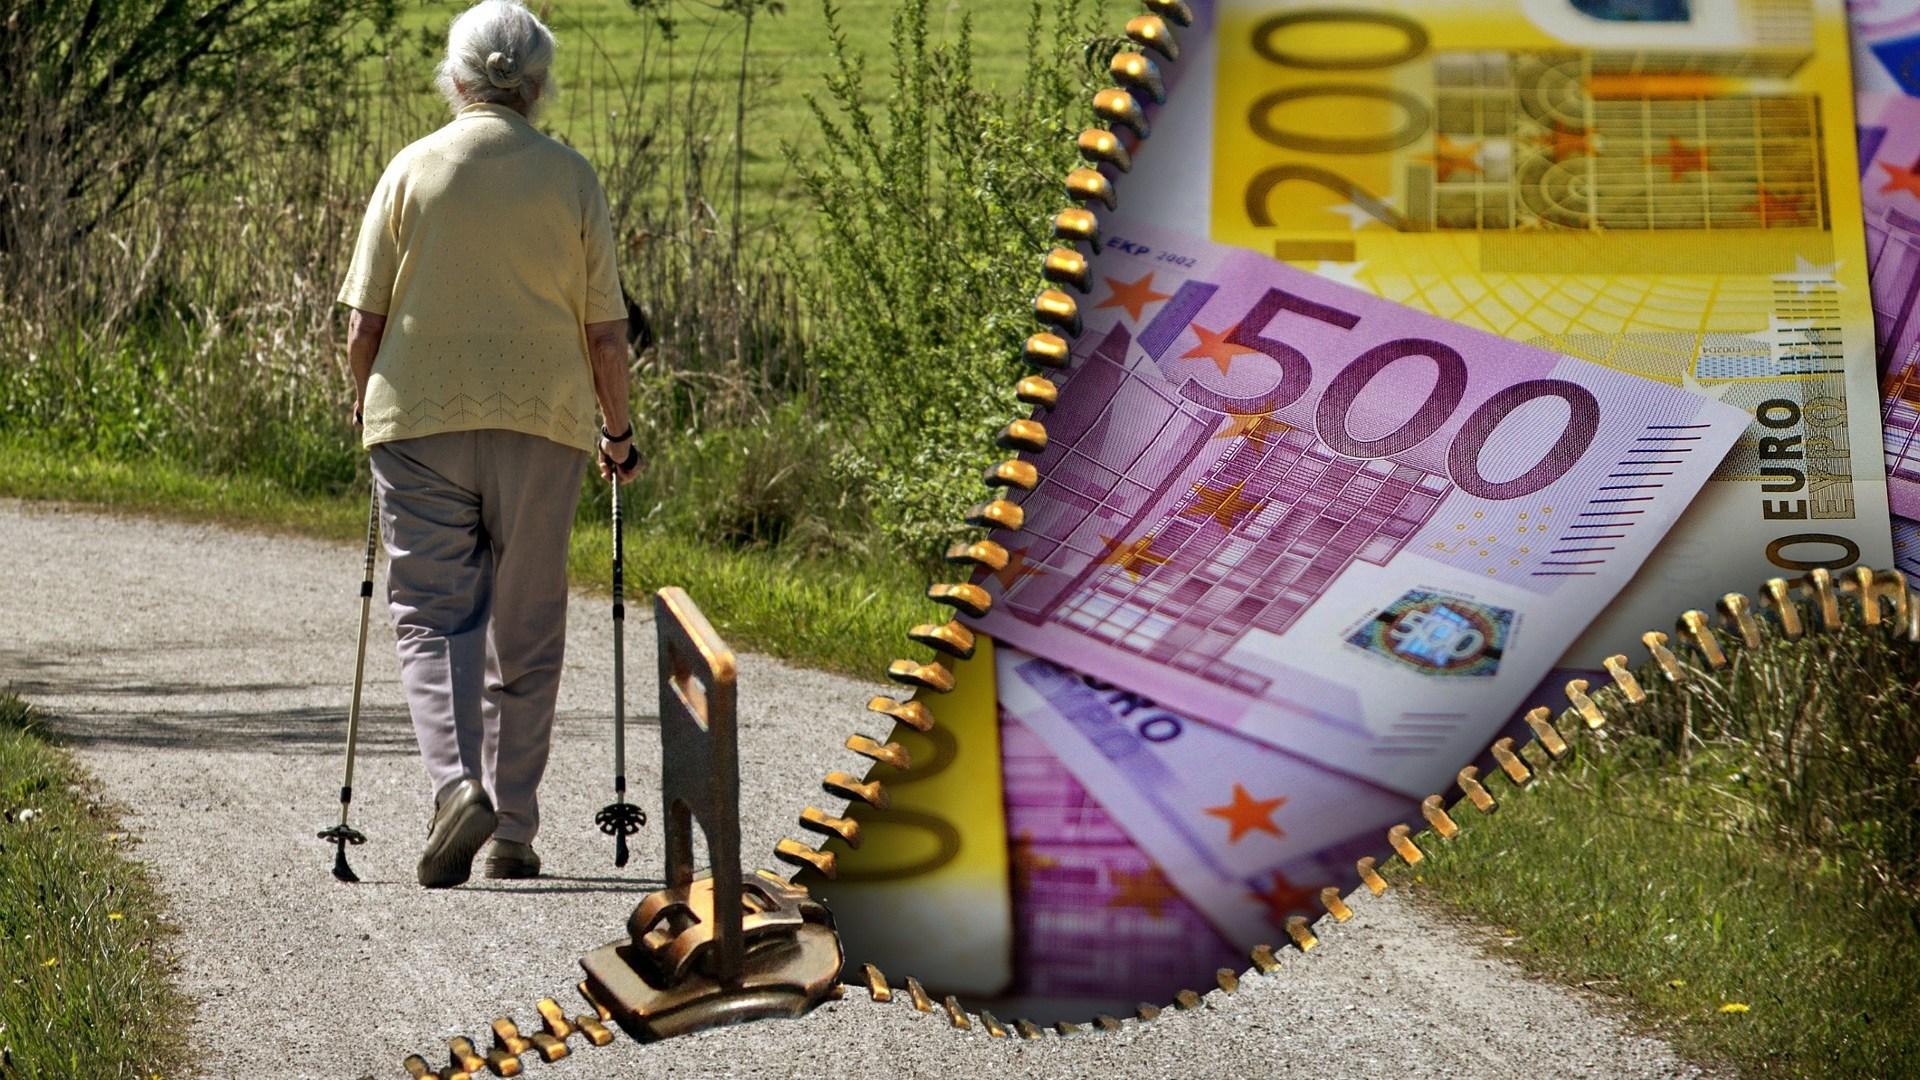 Sólo 7 comunidades autónomas superan la pensión media nacional de la jubilación